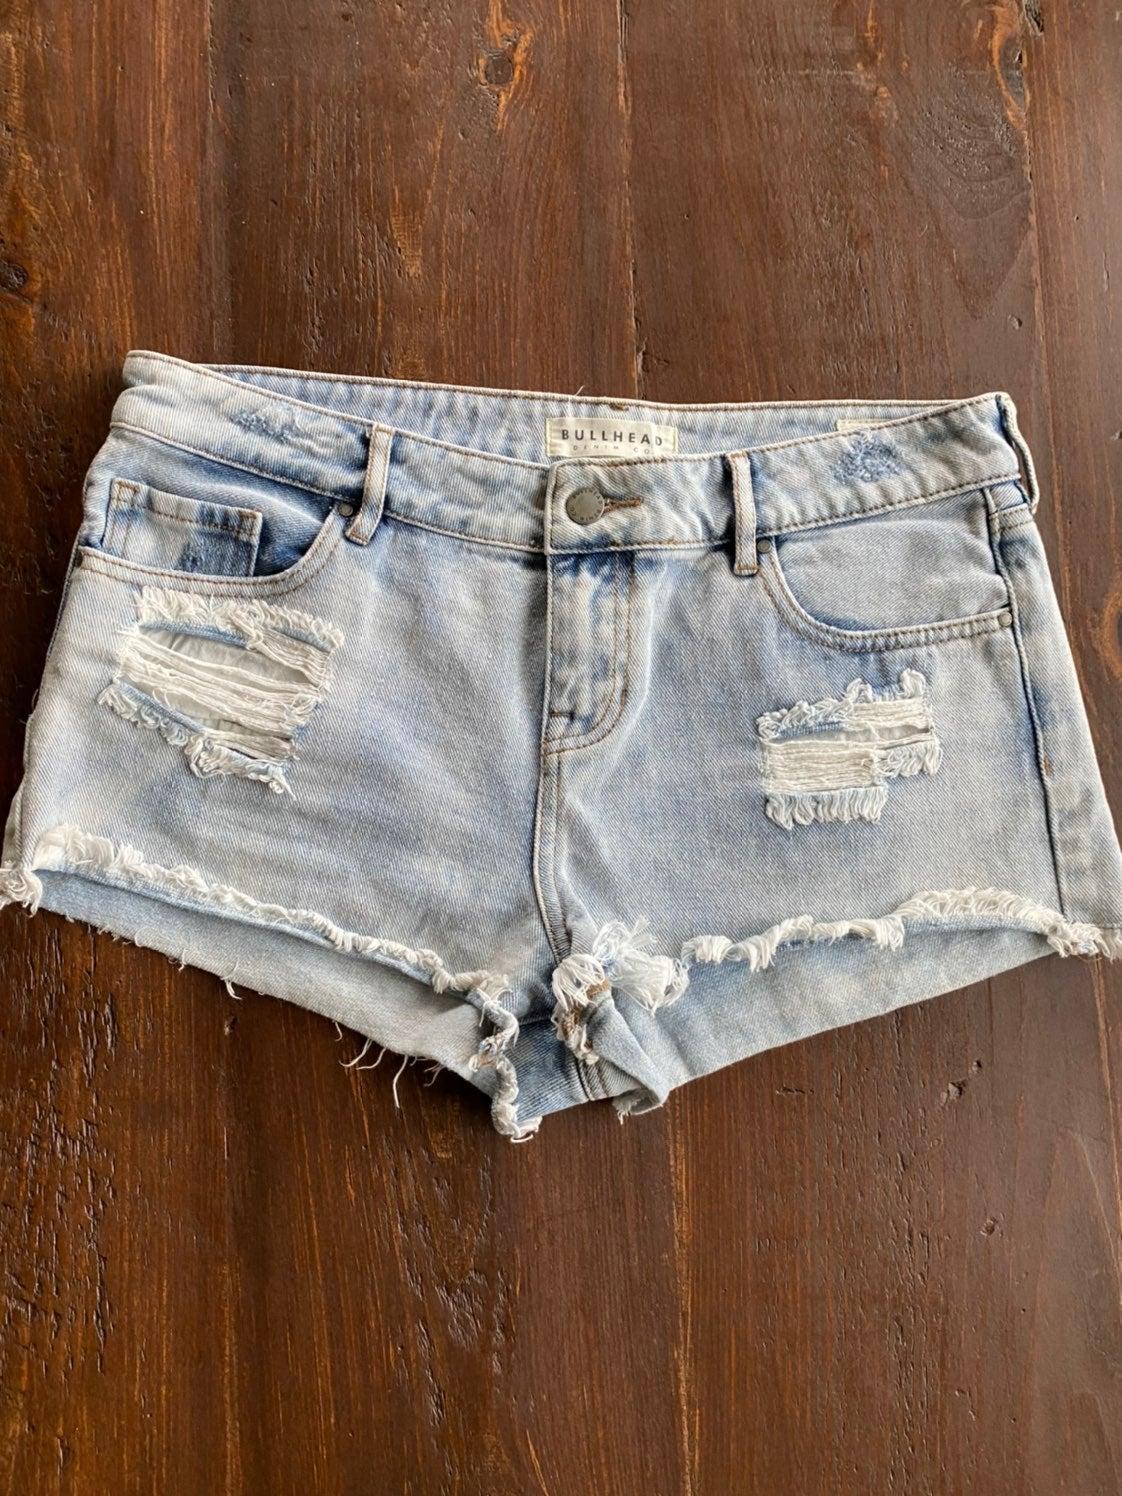 Bullhead Denim Company Jean Shorts